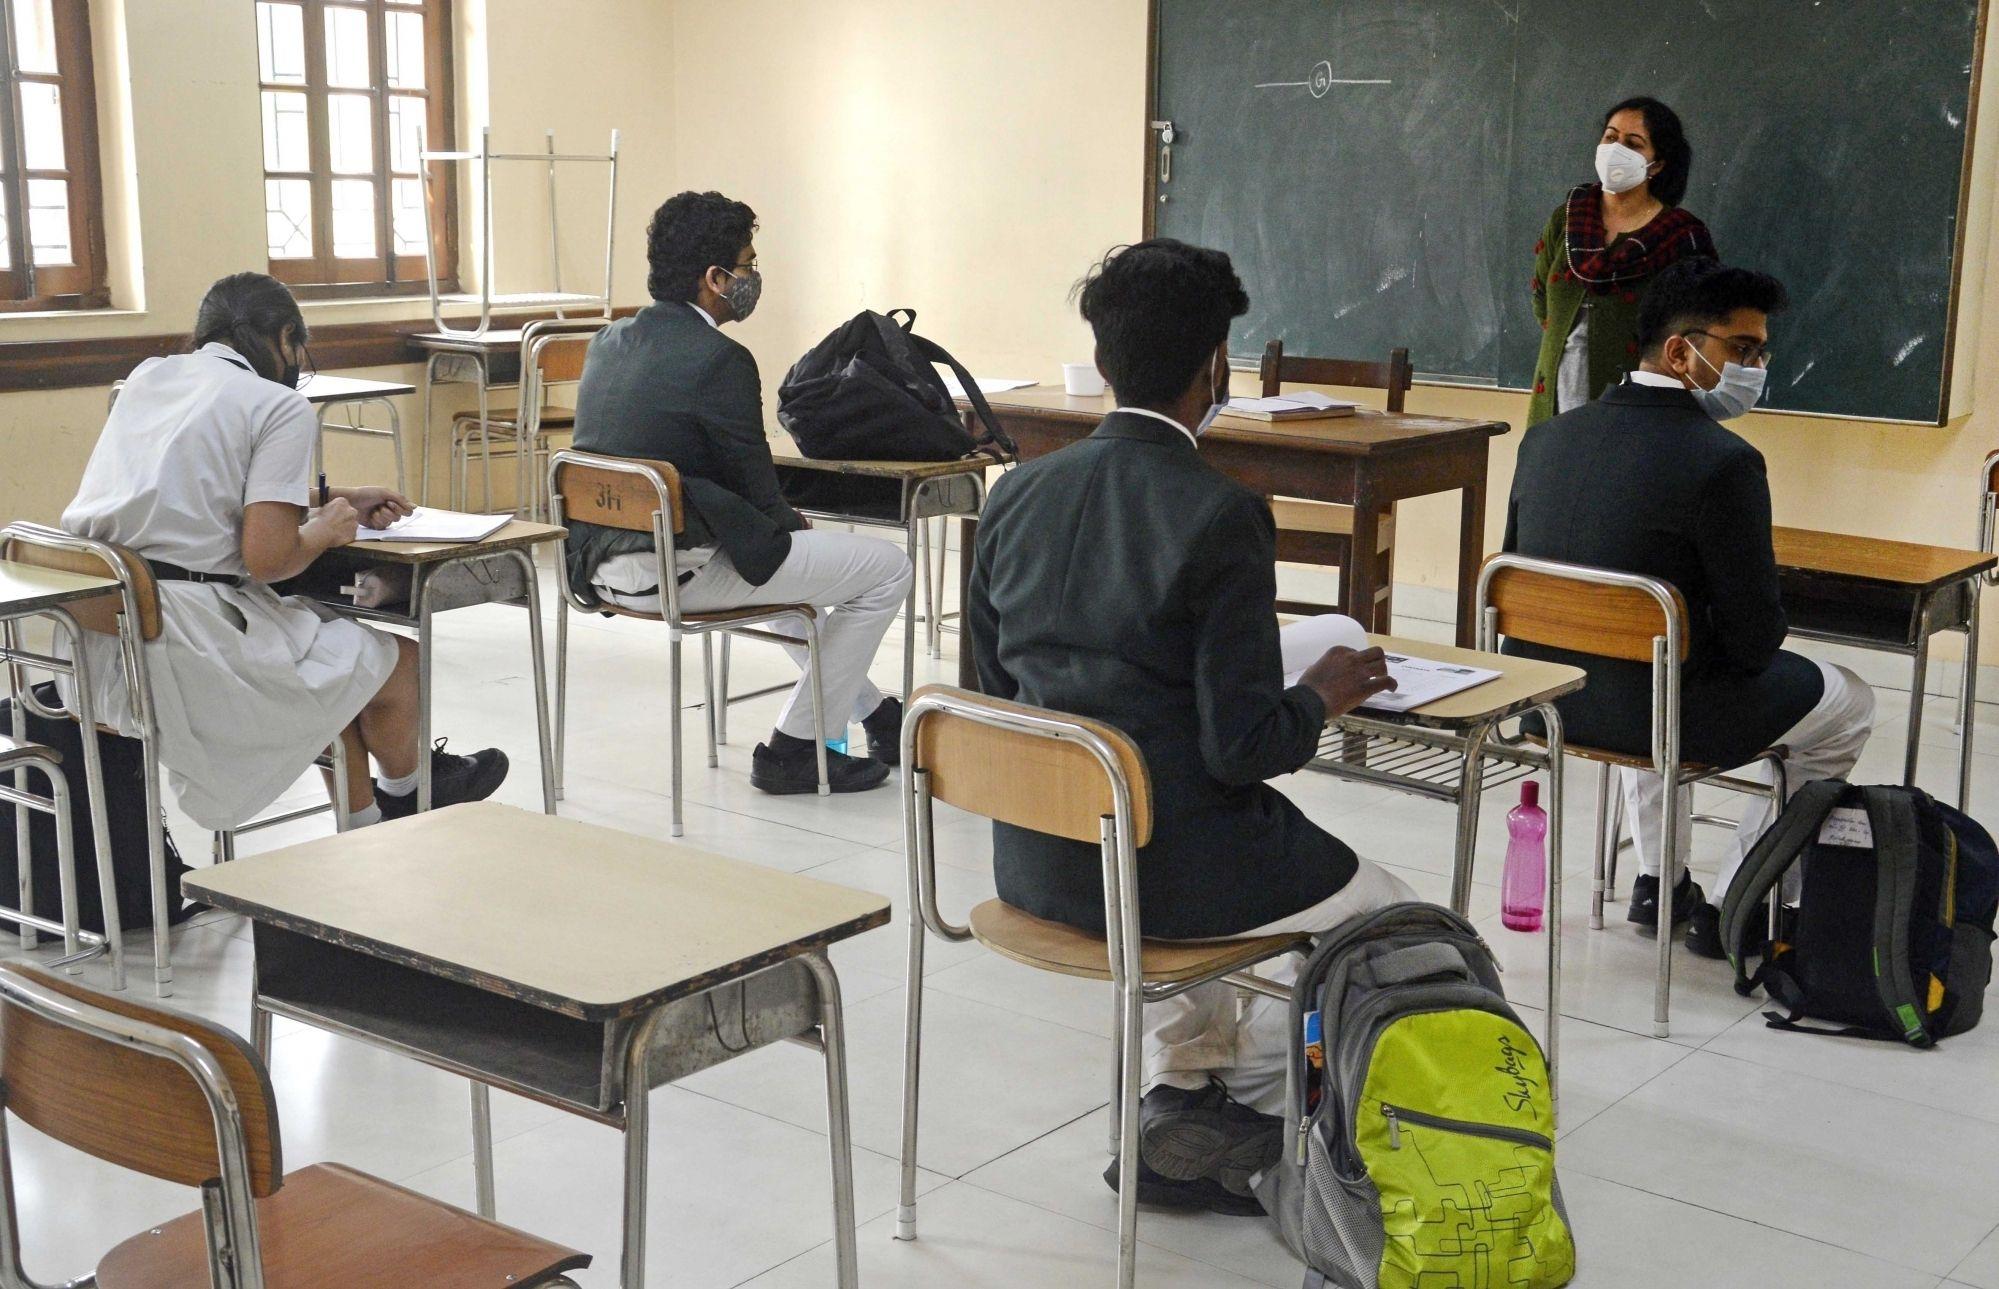 CISCE Cancels ICSE Class 10 Board Examinations Amid Rising COVID-19 Cases